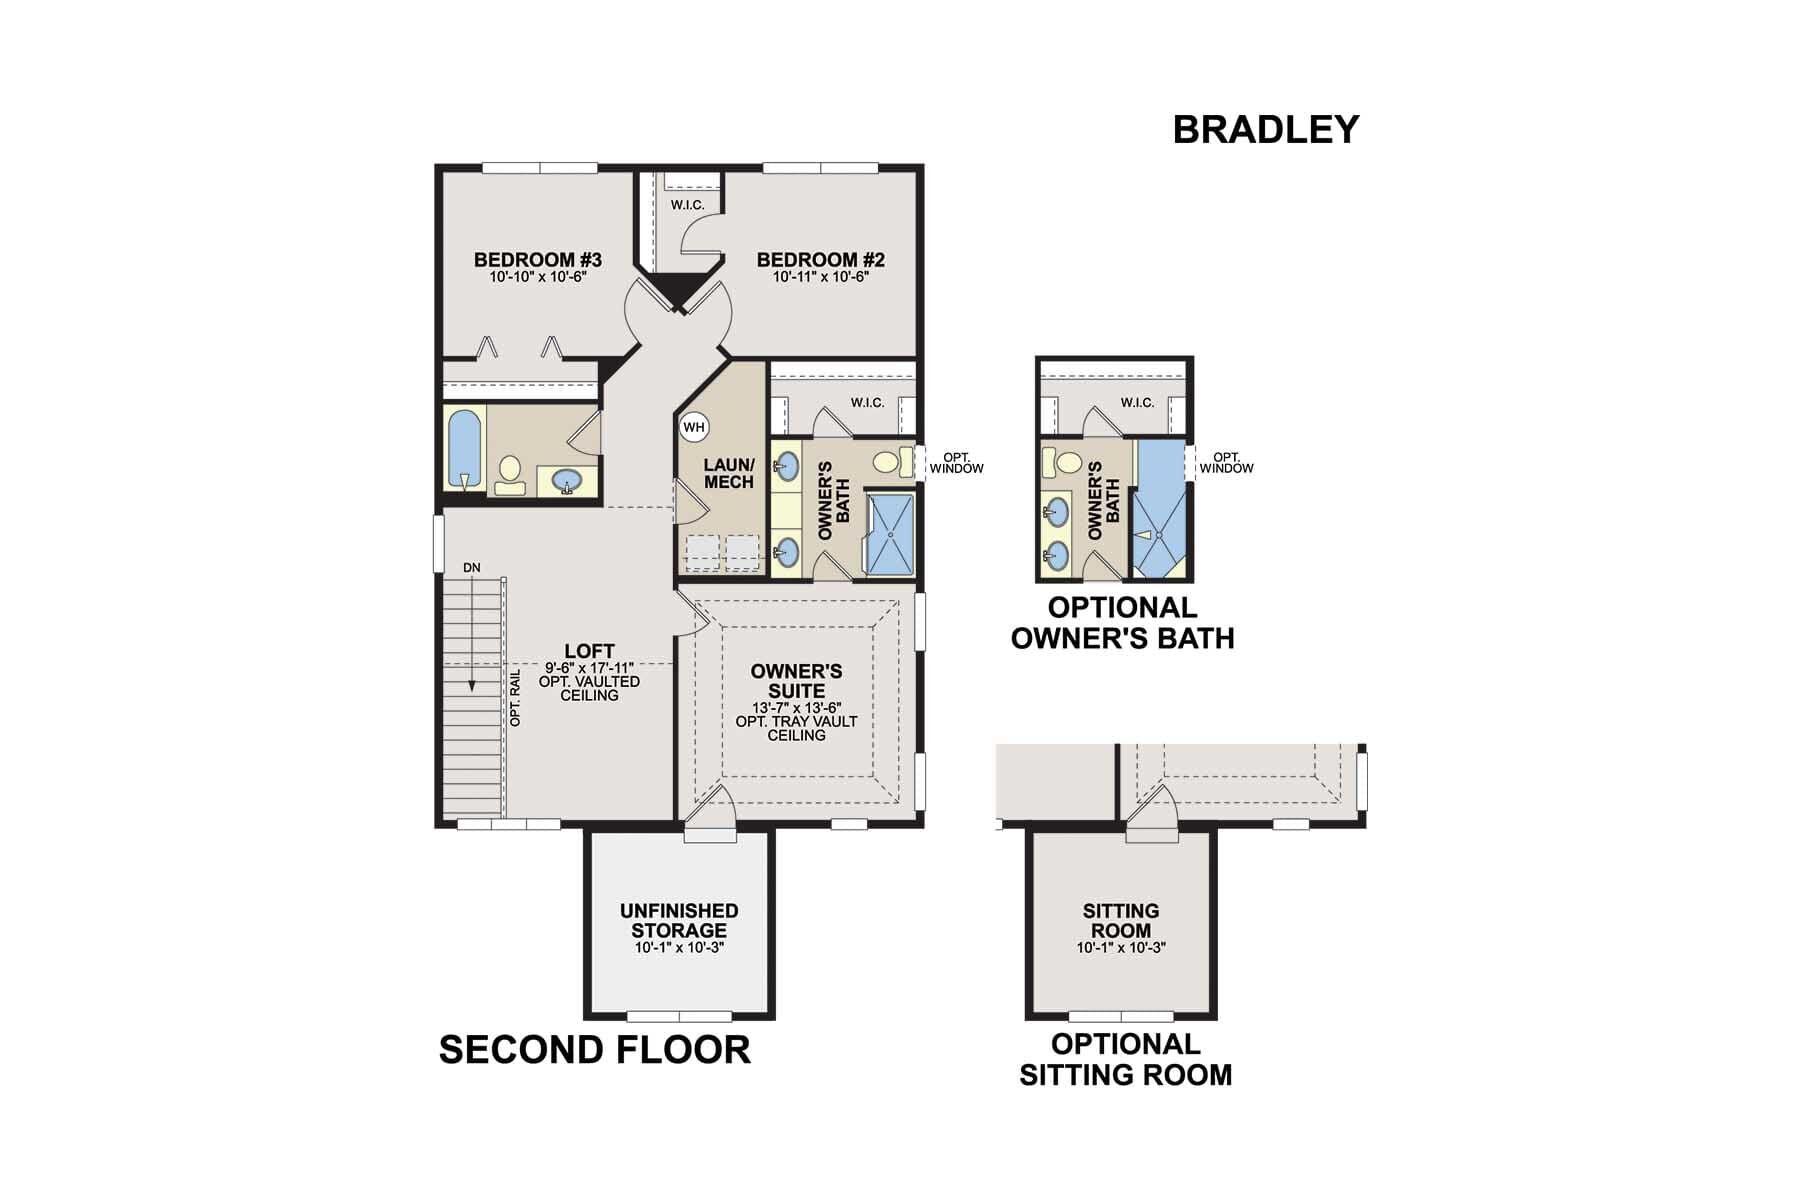 Bradley Second Floor